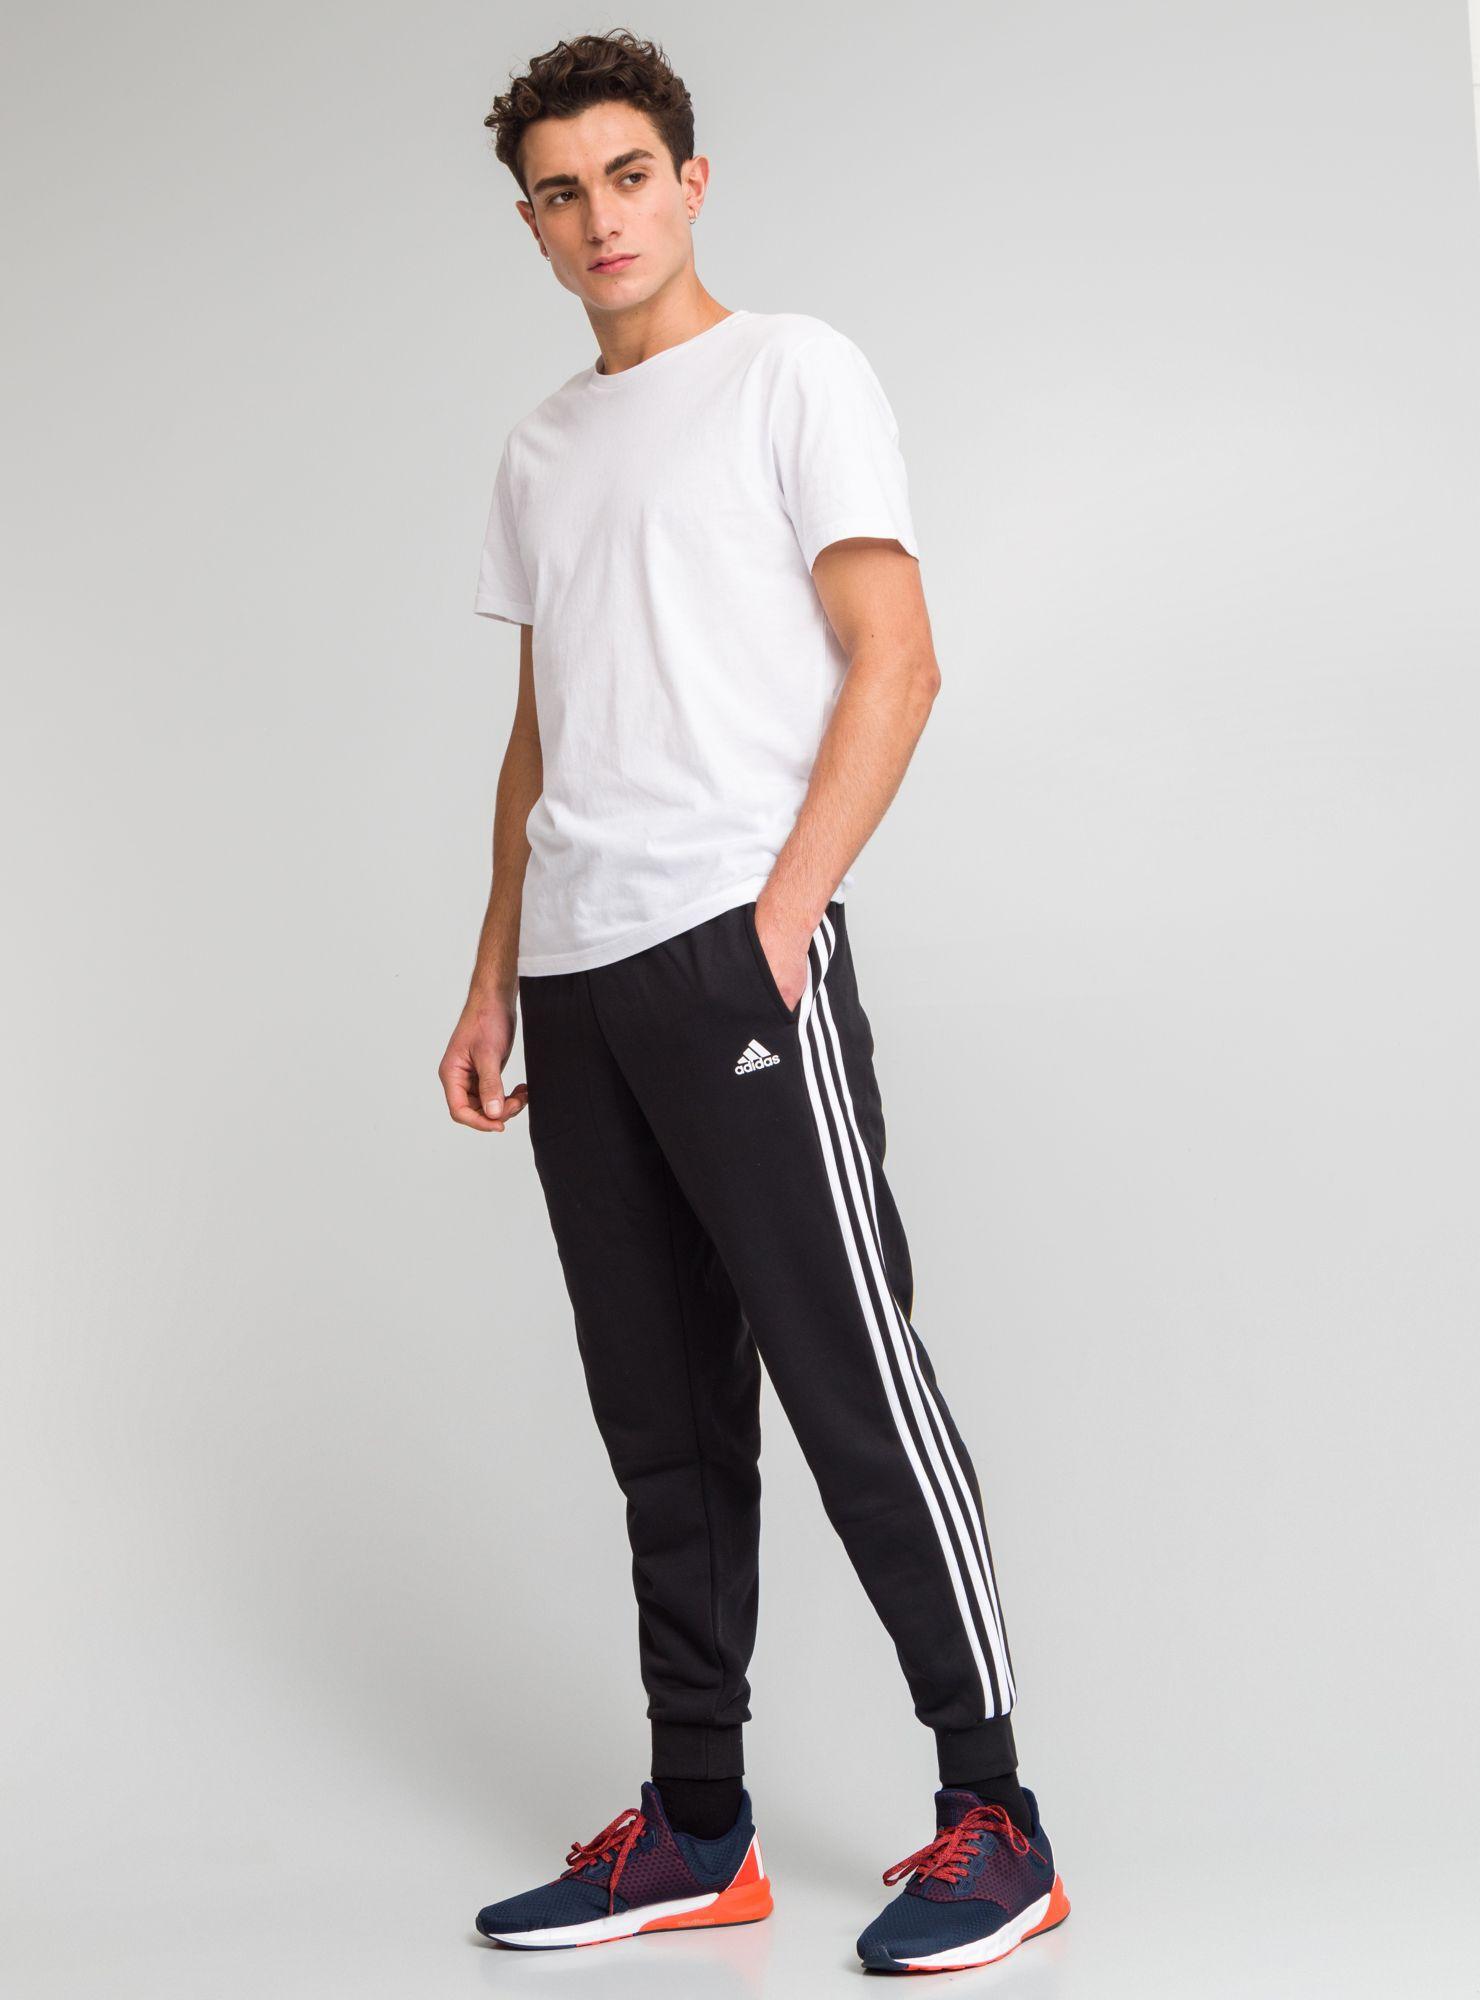 Y Pantalones Comodidad Paris Entrenar Para cl Buzos Con UAq6ZB